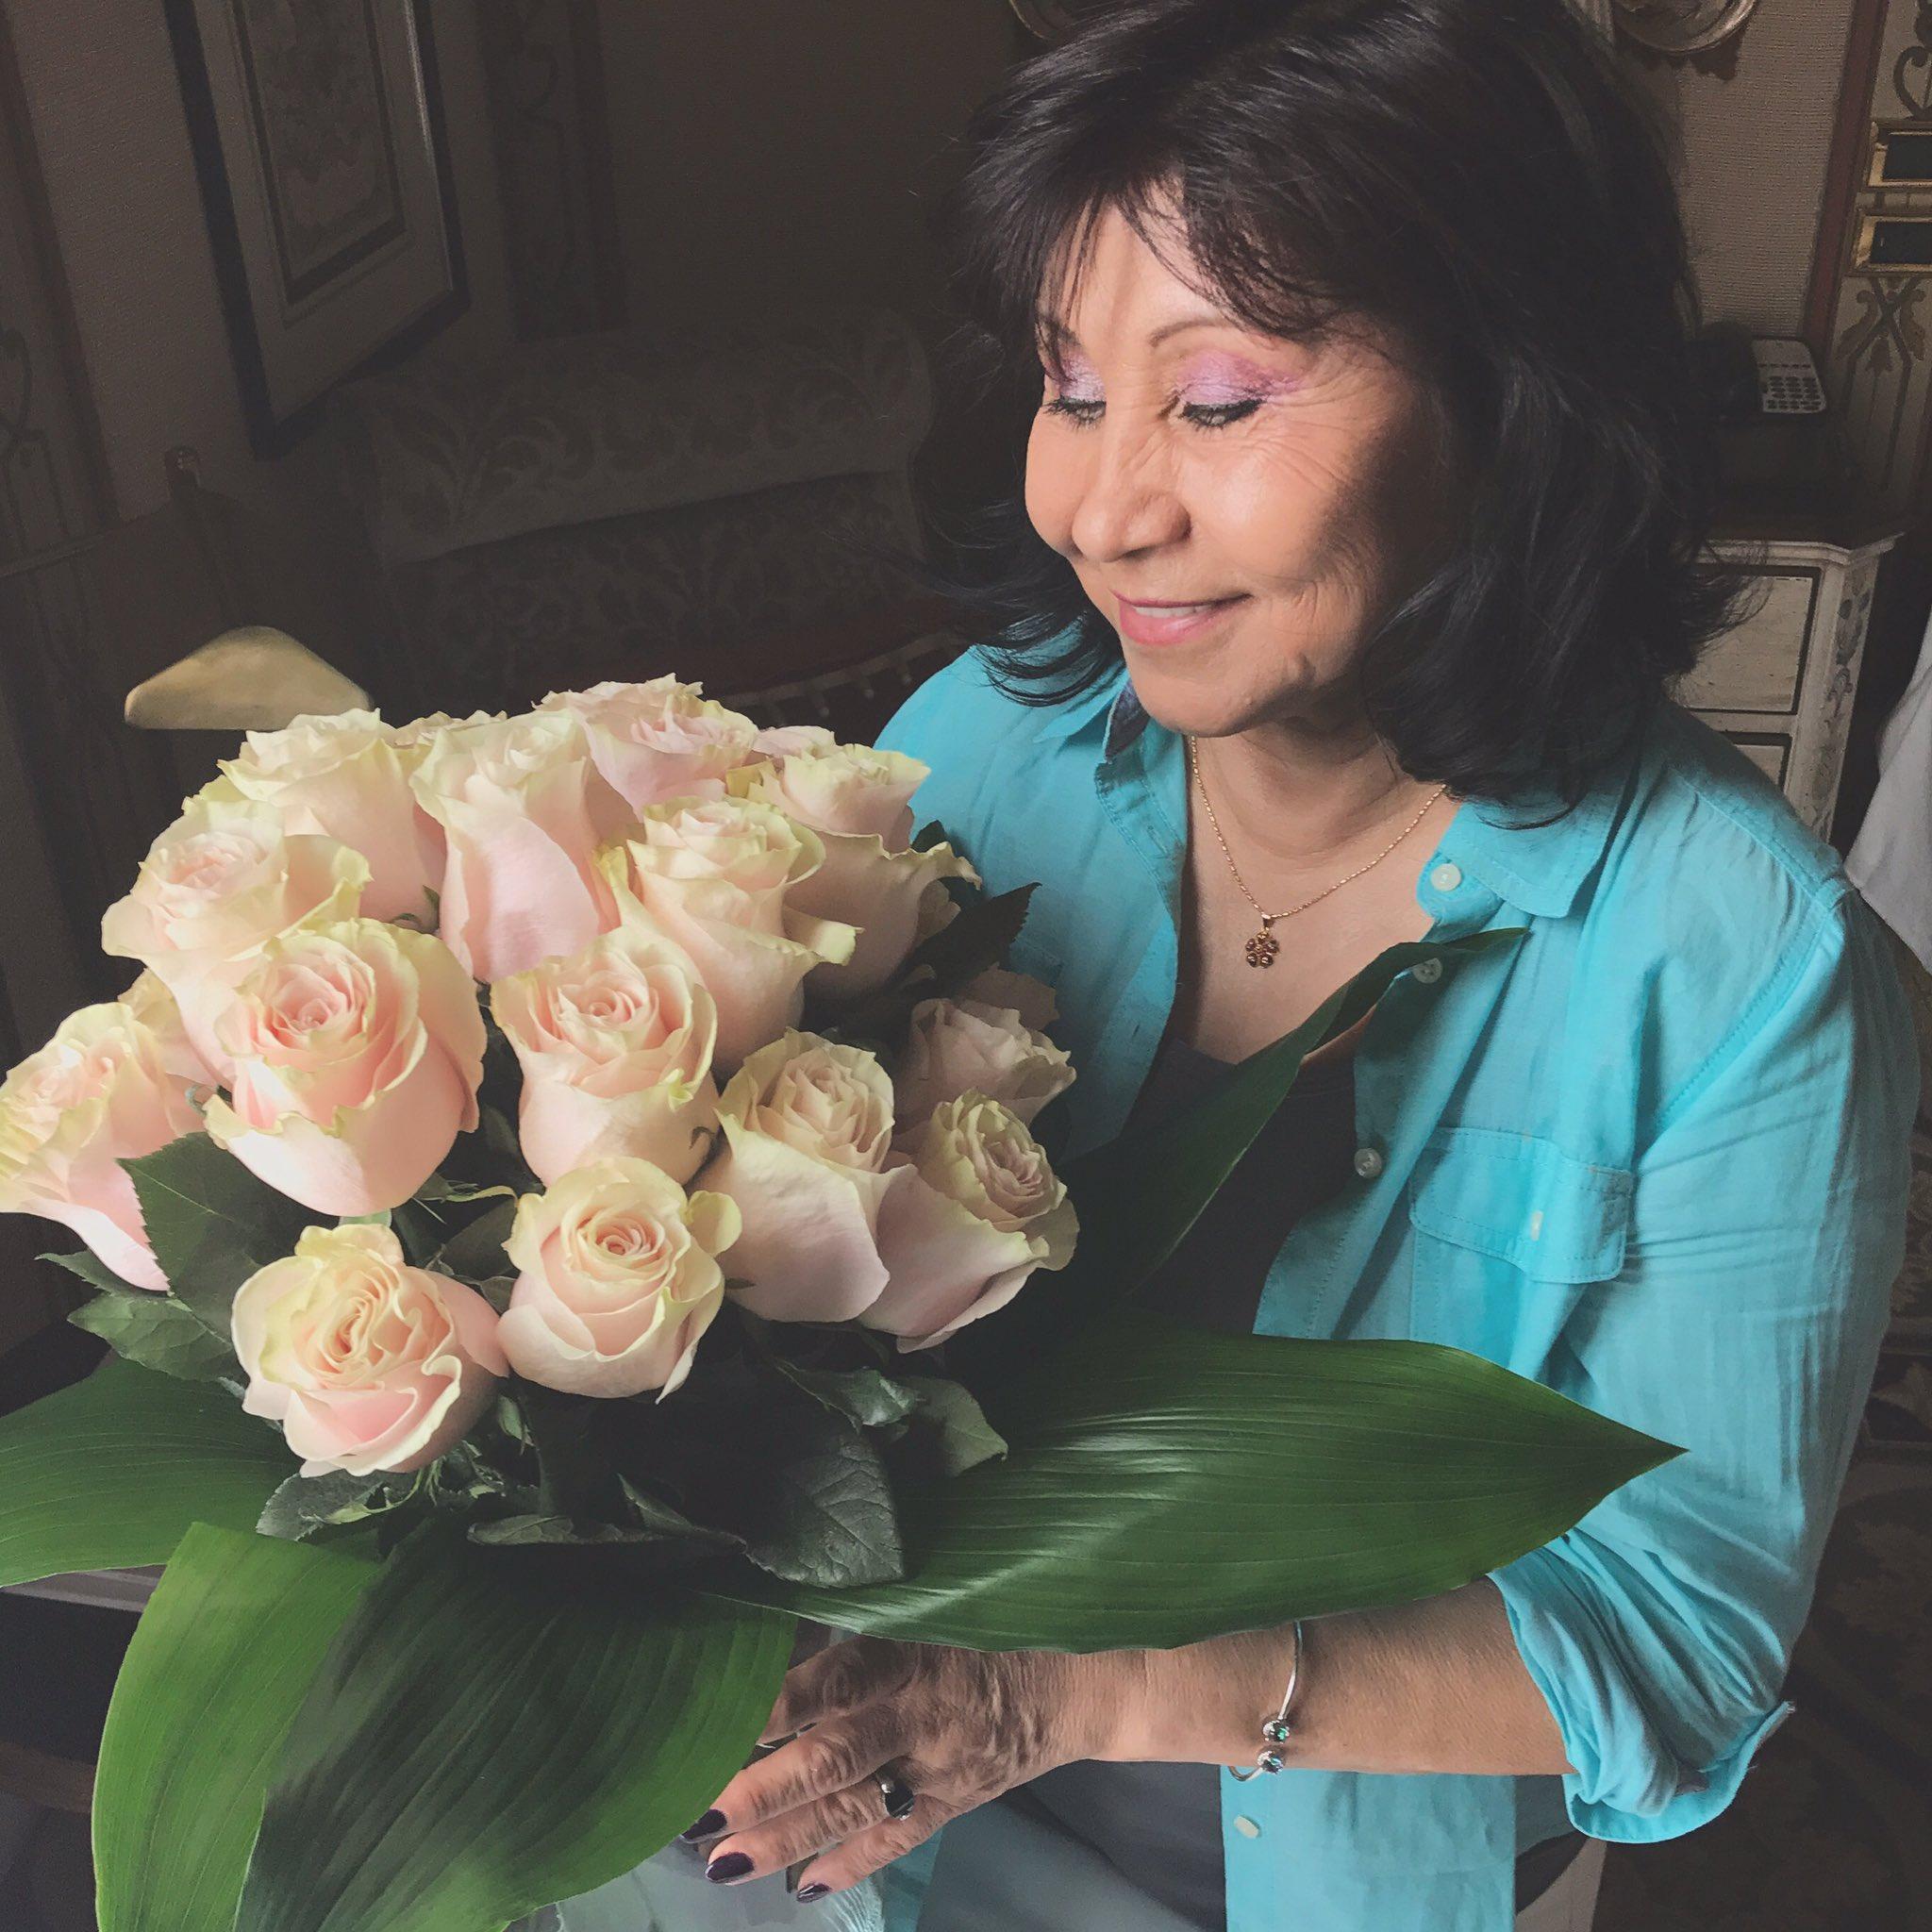 Feliz cumpleaños, Mami! 💖✨ https://t.co/jID5tDRoxJ